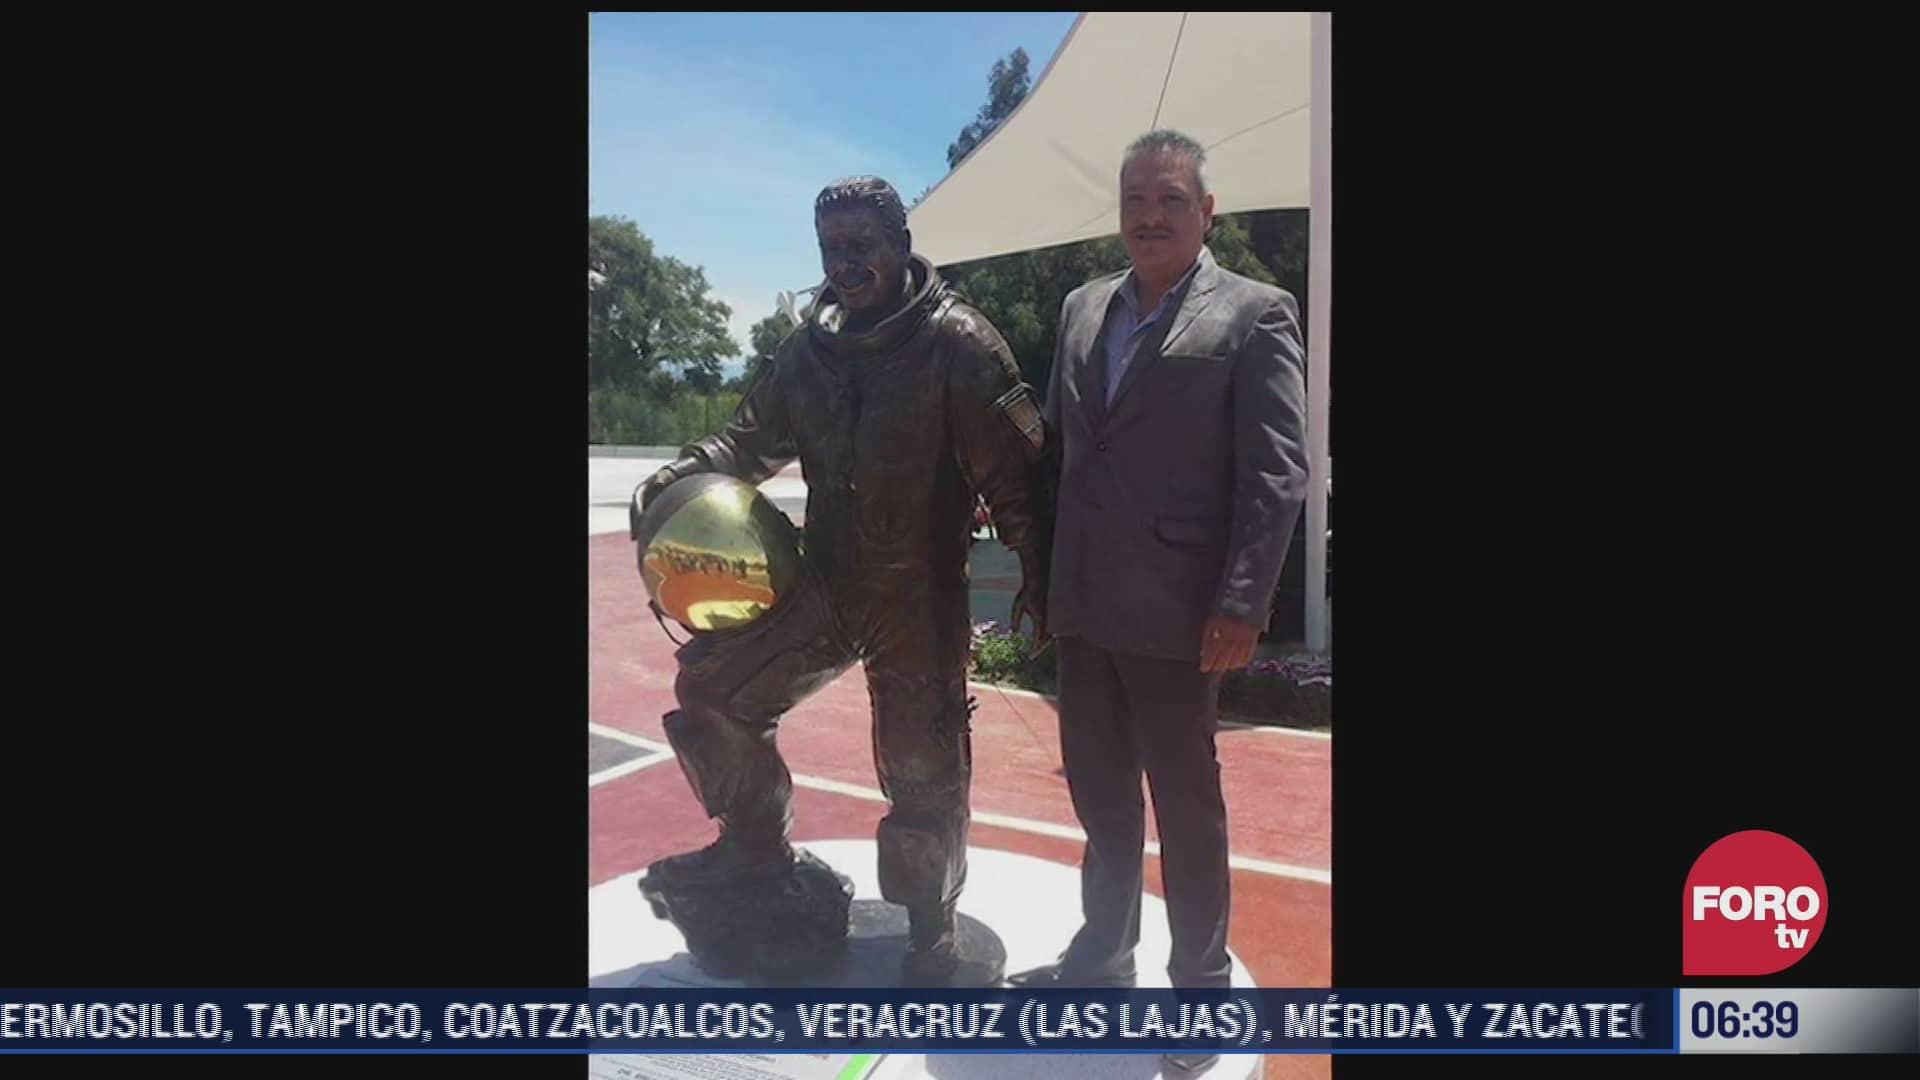 roban estatua en honor al astronauta mexicano jose hernandez